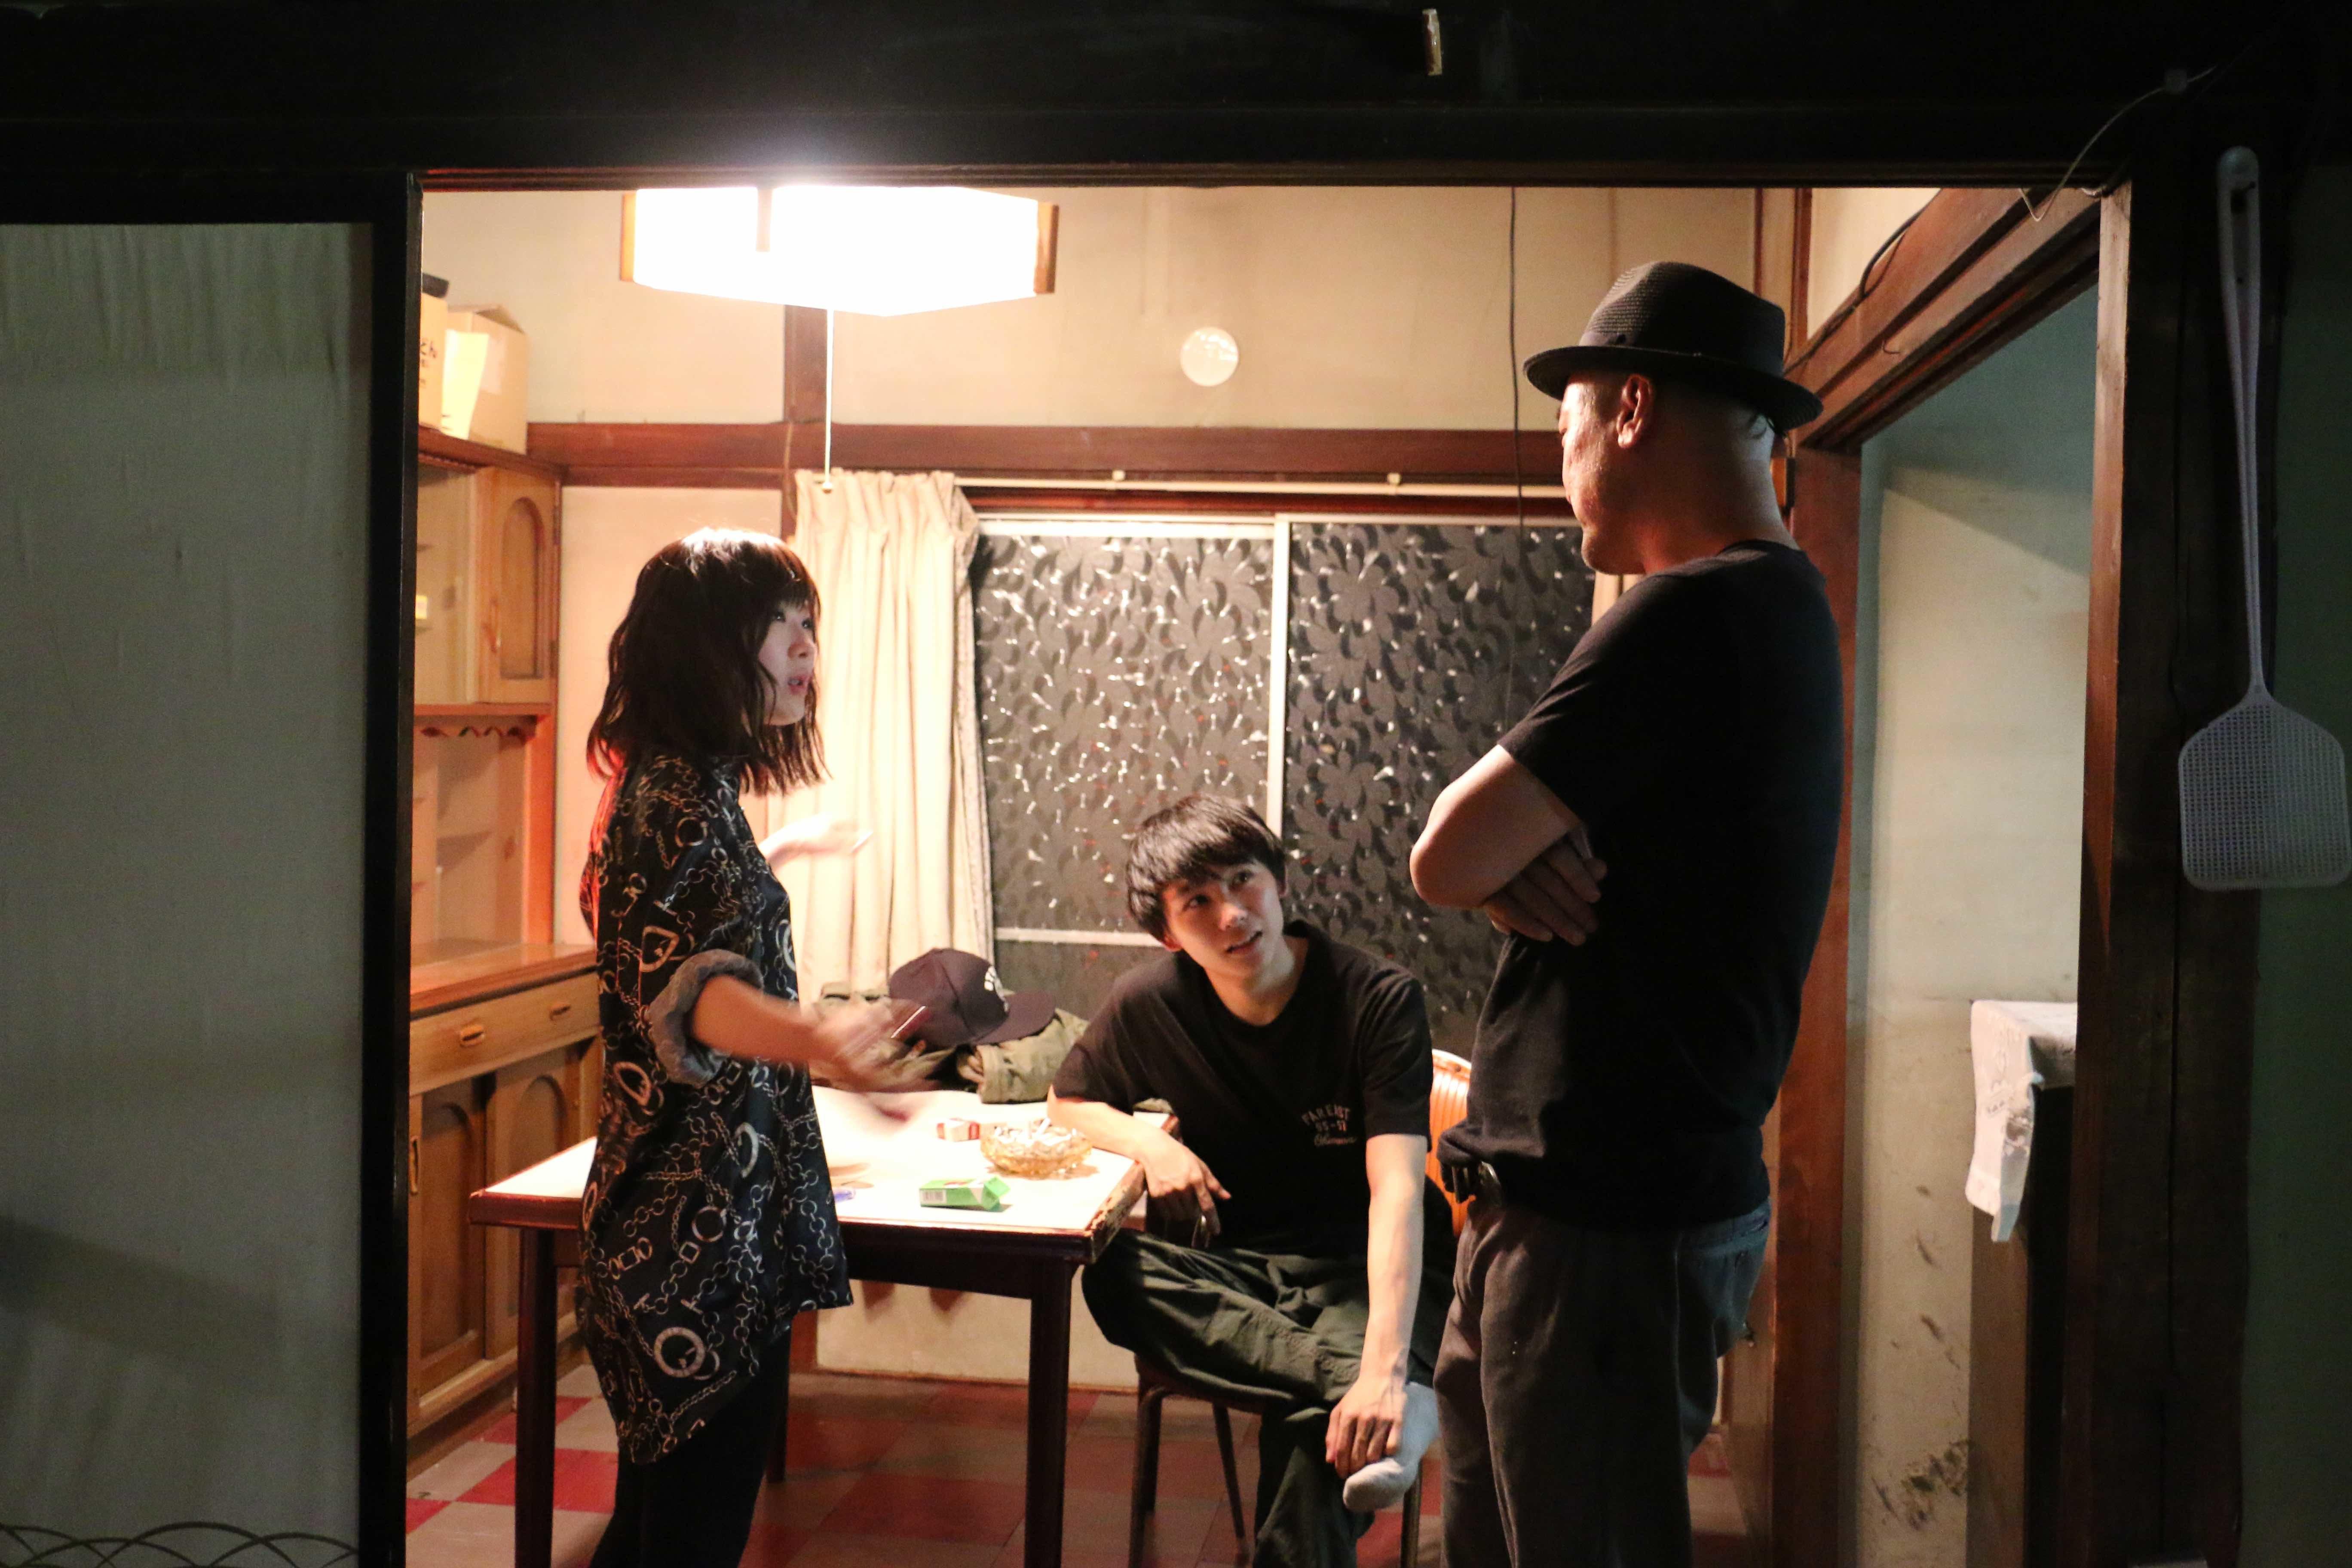 左から、伊藤沙莉、須賀健太、内田英治監督 映画『獣道』メイキング (C)third window films